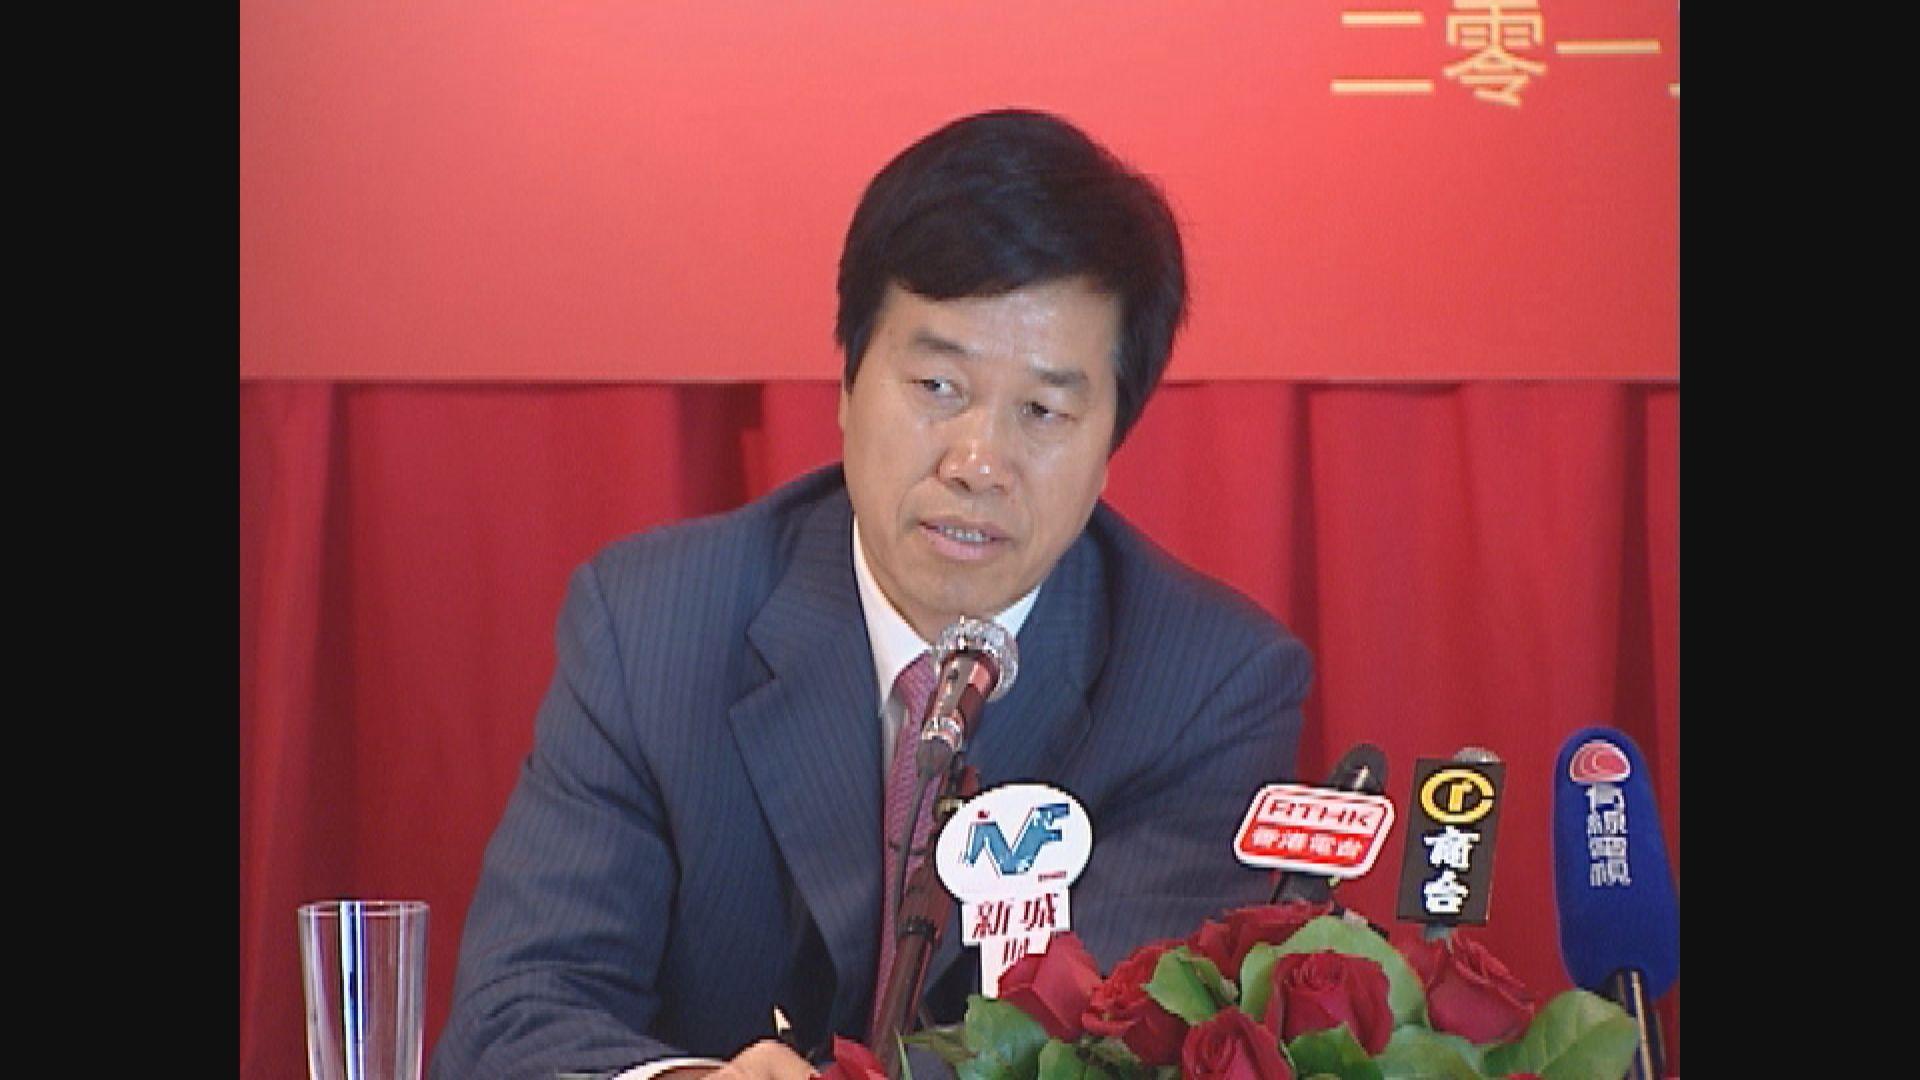 華晨汽車集團前董事長祁玉民 涉嫌嚴重違紀違法